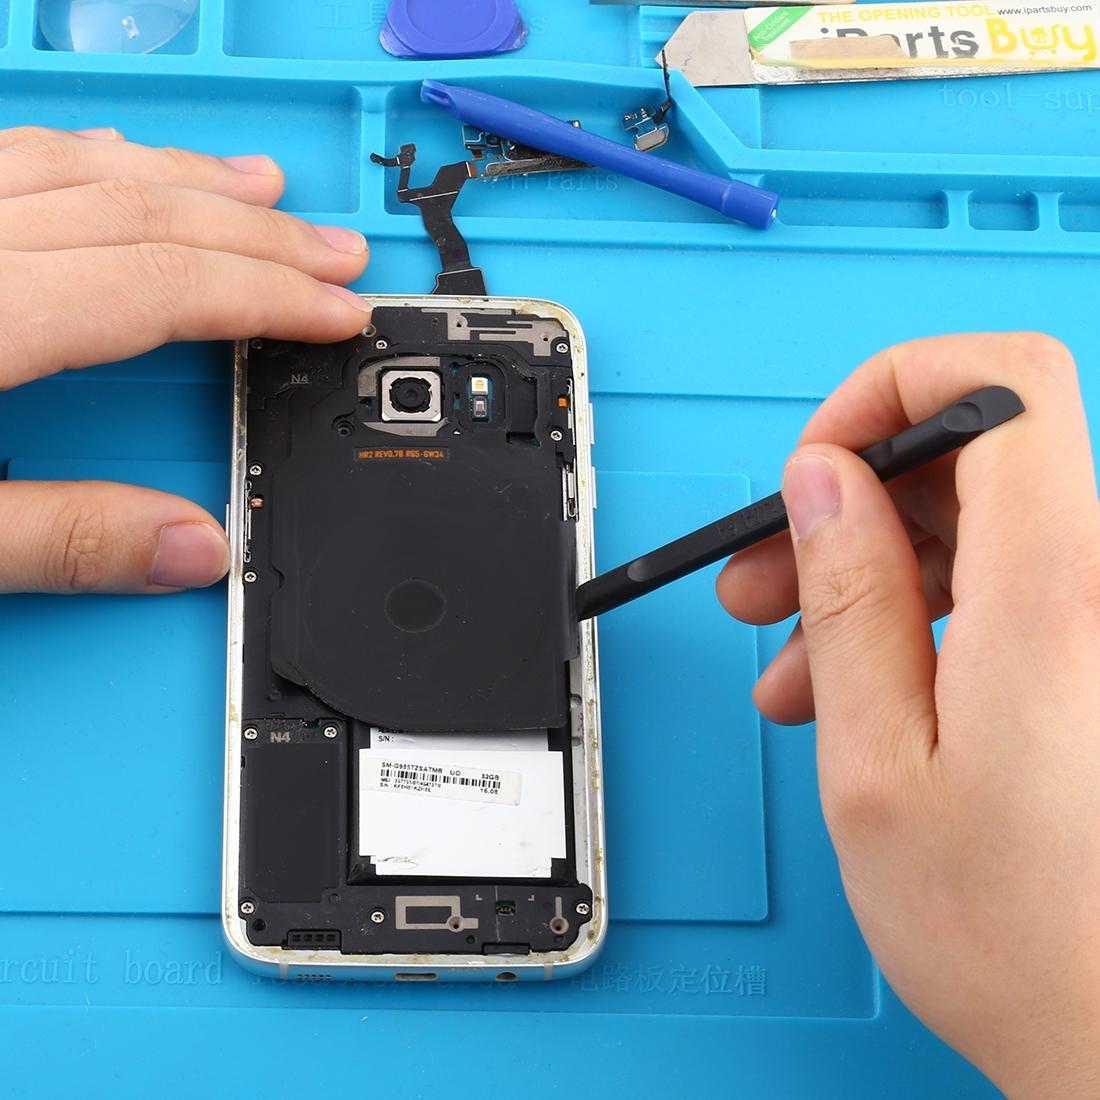 iPartsBuy Mobile Phone Repair Tool P8824 Professional Mobile Phone//Tablet 18.8cm 3 in 1 Metal Disassembly Rods Crowbar Repairing Tool